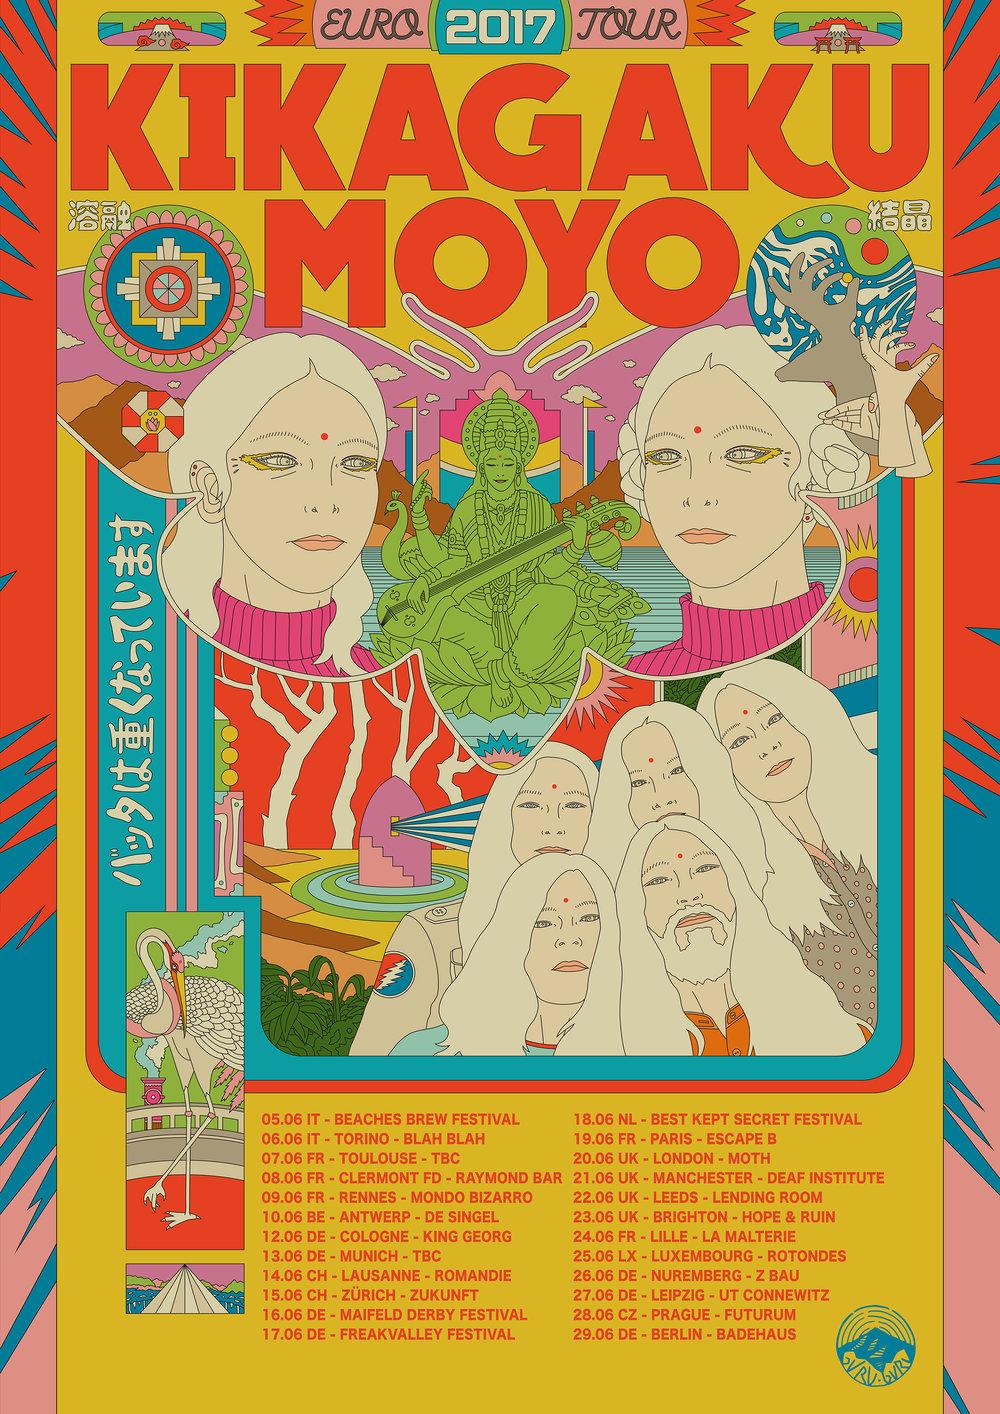 Kikagaku_Moyo_Euro_Tour.jpg